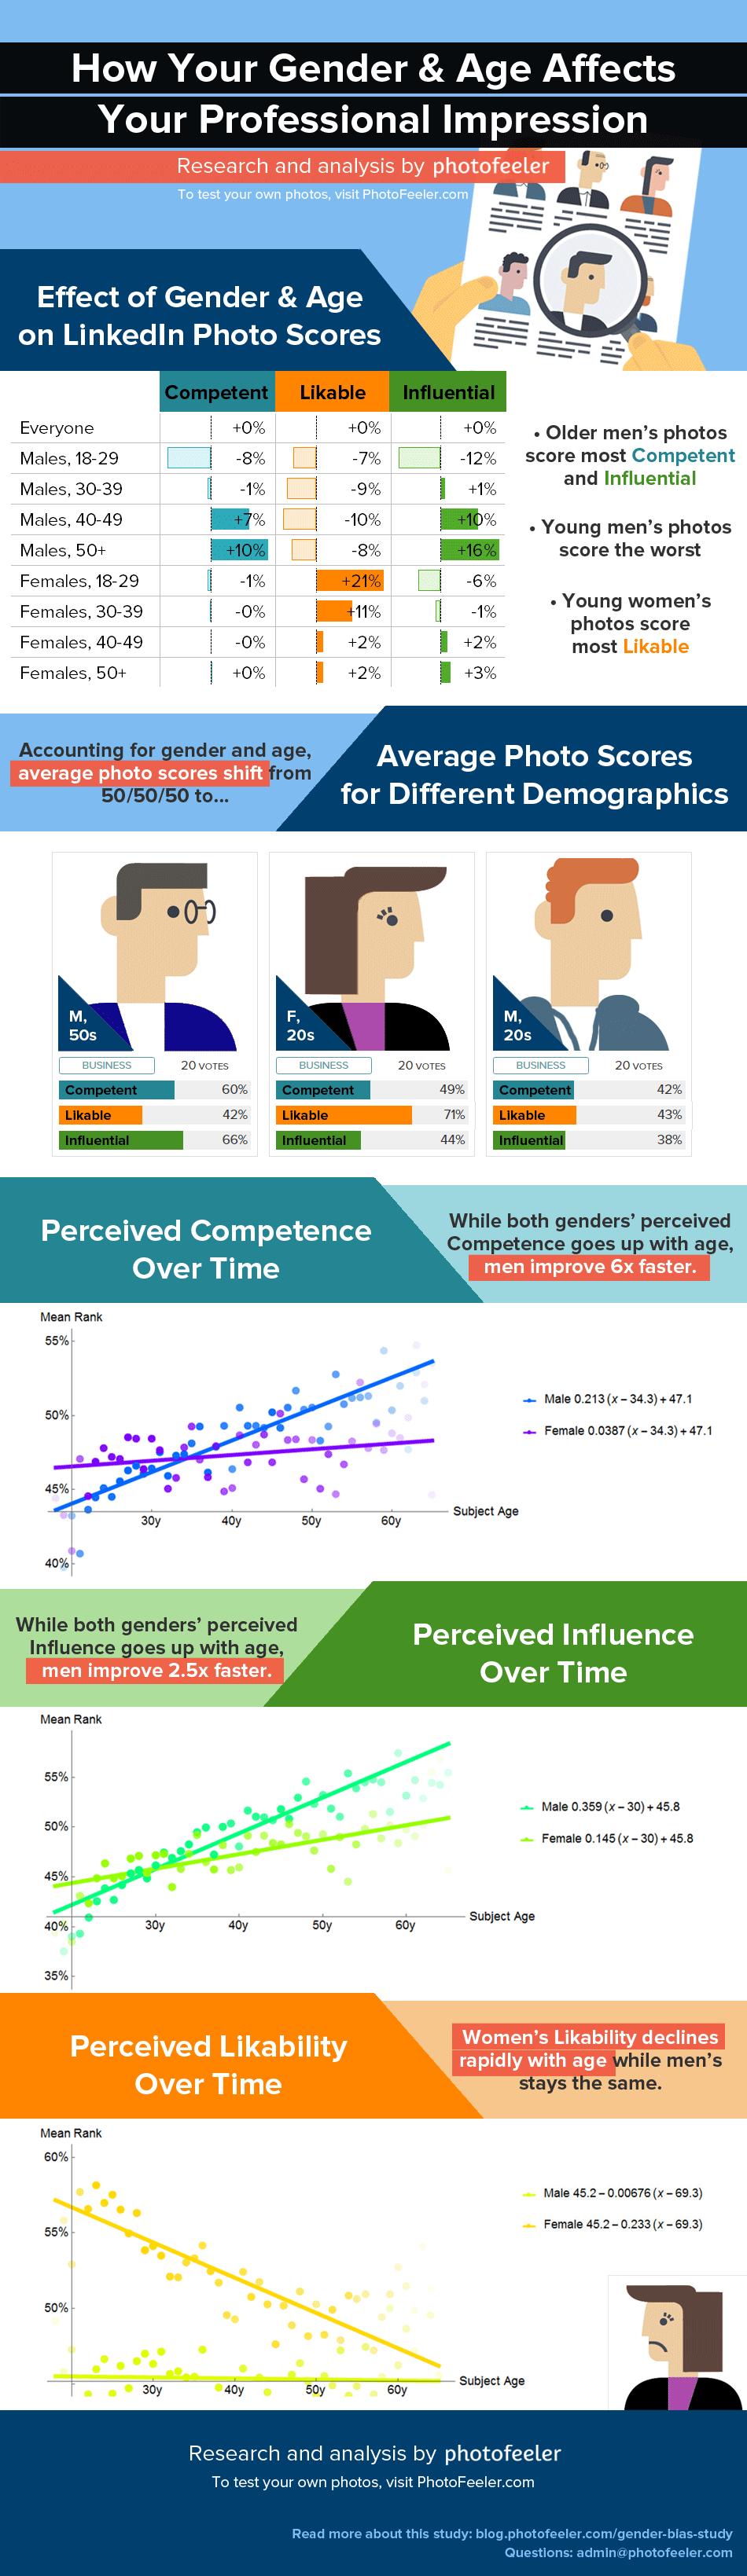 De impact van een profielfoto op een LinkedIn profiel - PhotoFeeler infographic